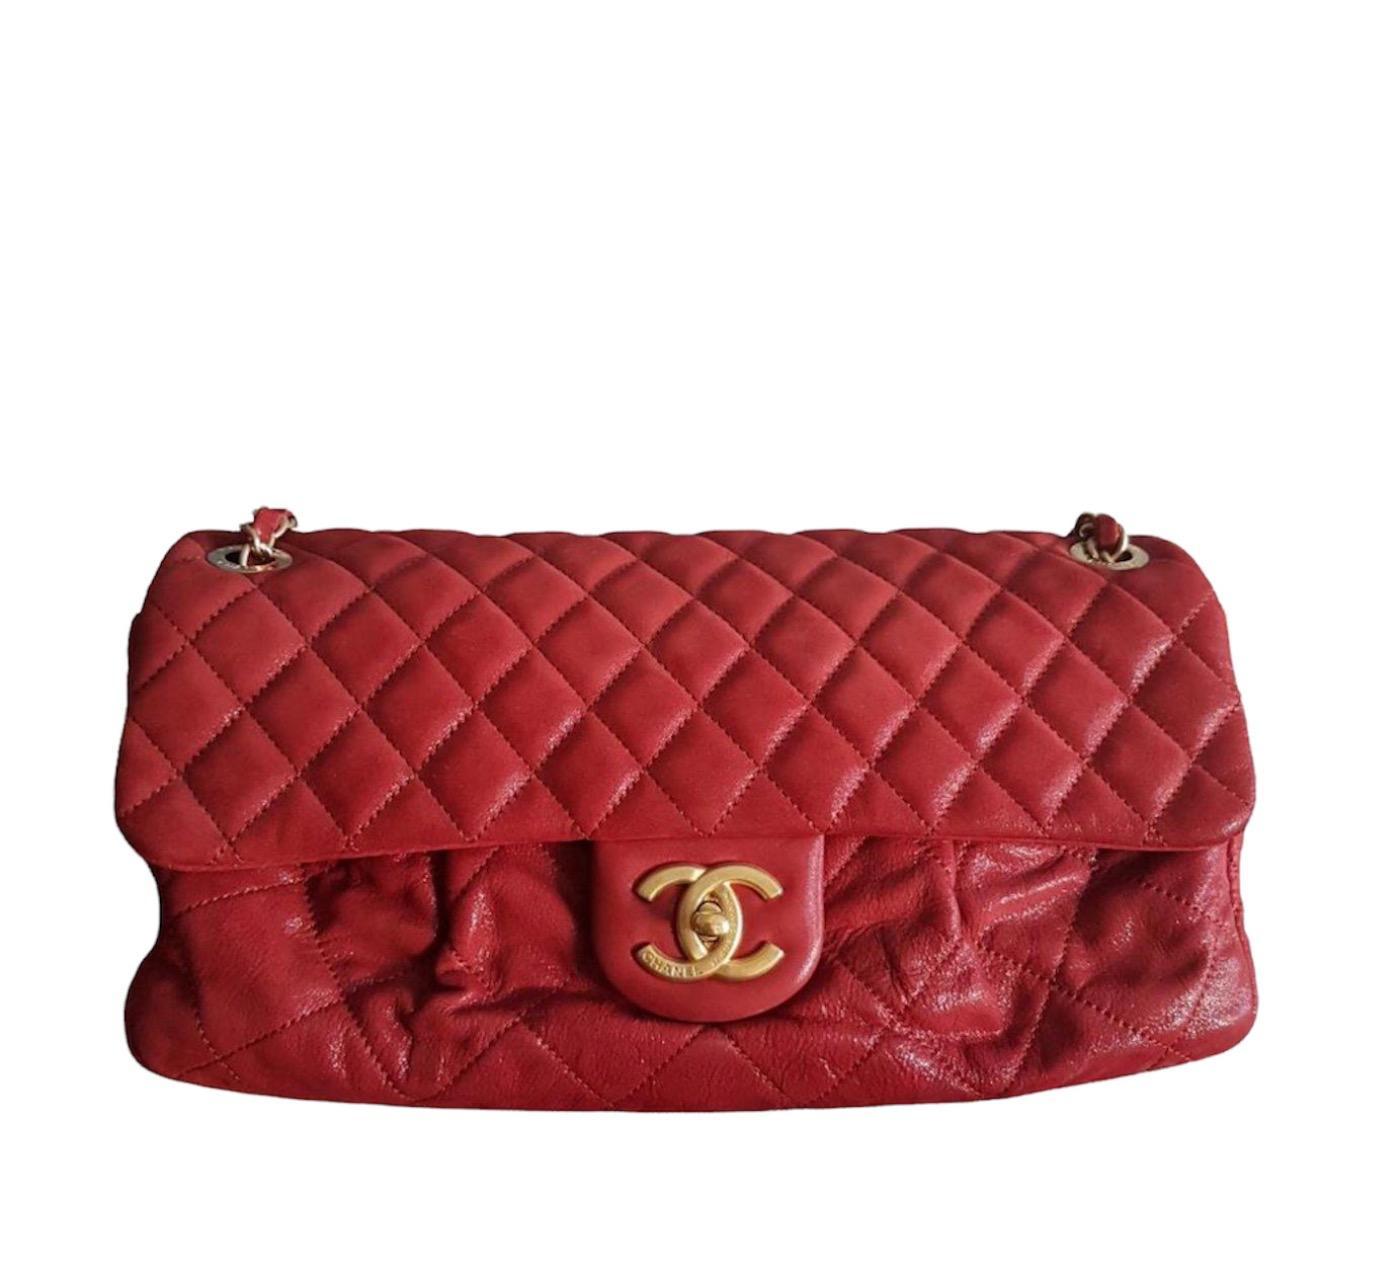 Cap Luxury   achat et vente de produits de luxe de catégorie Chanel Sac  Chanel Timeless 0e82187414e